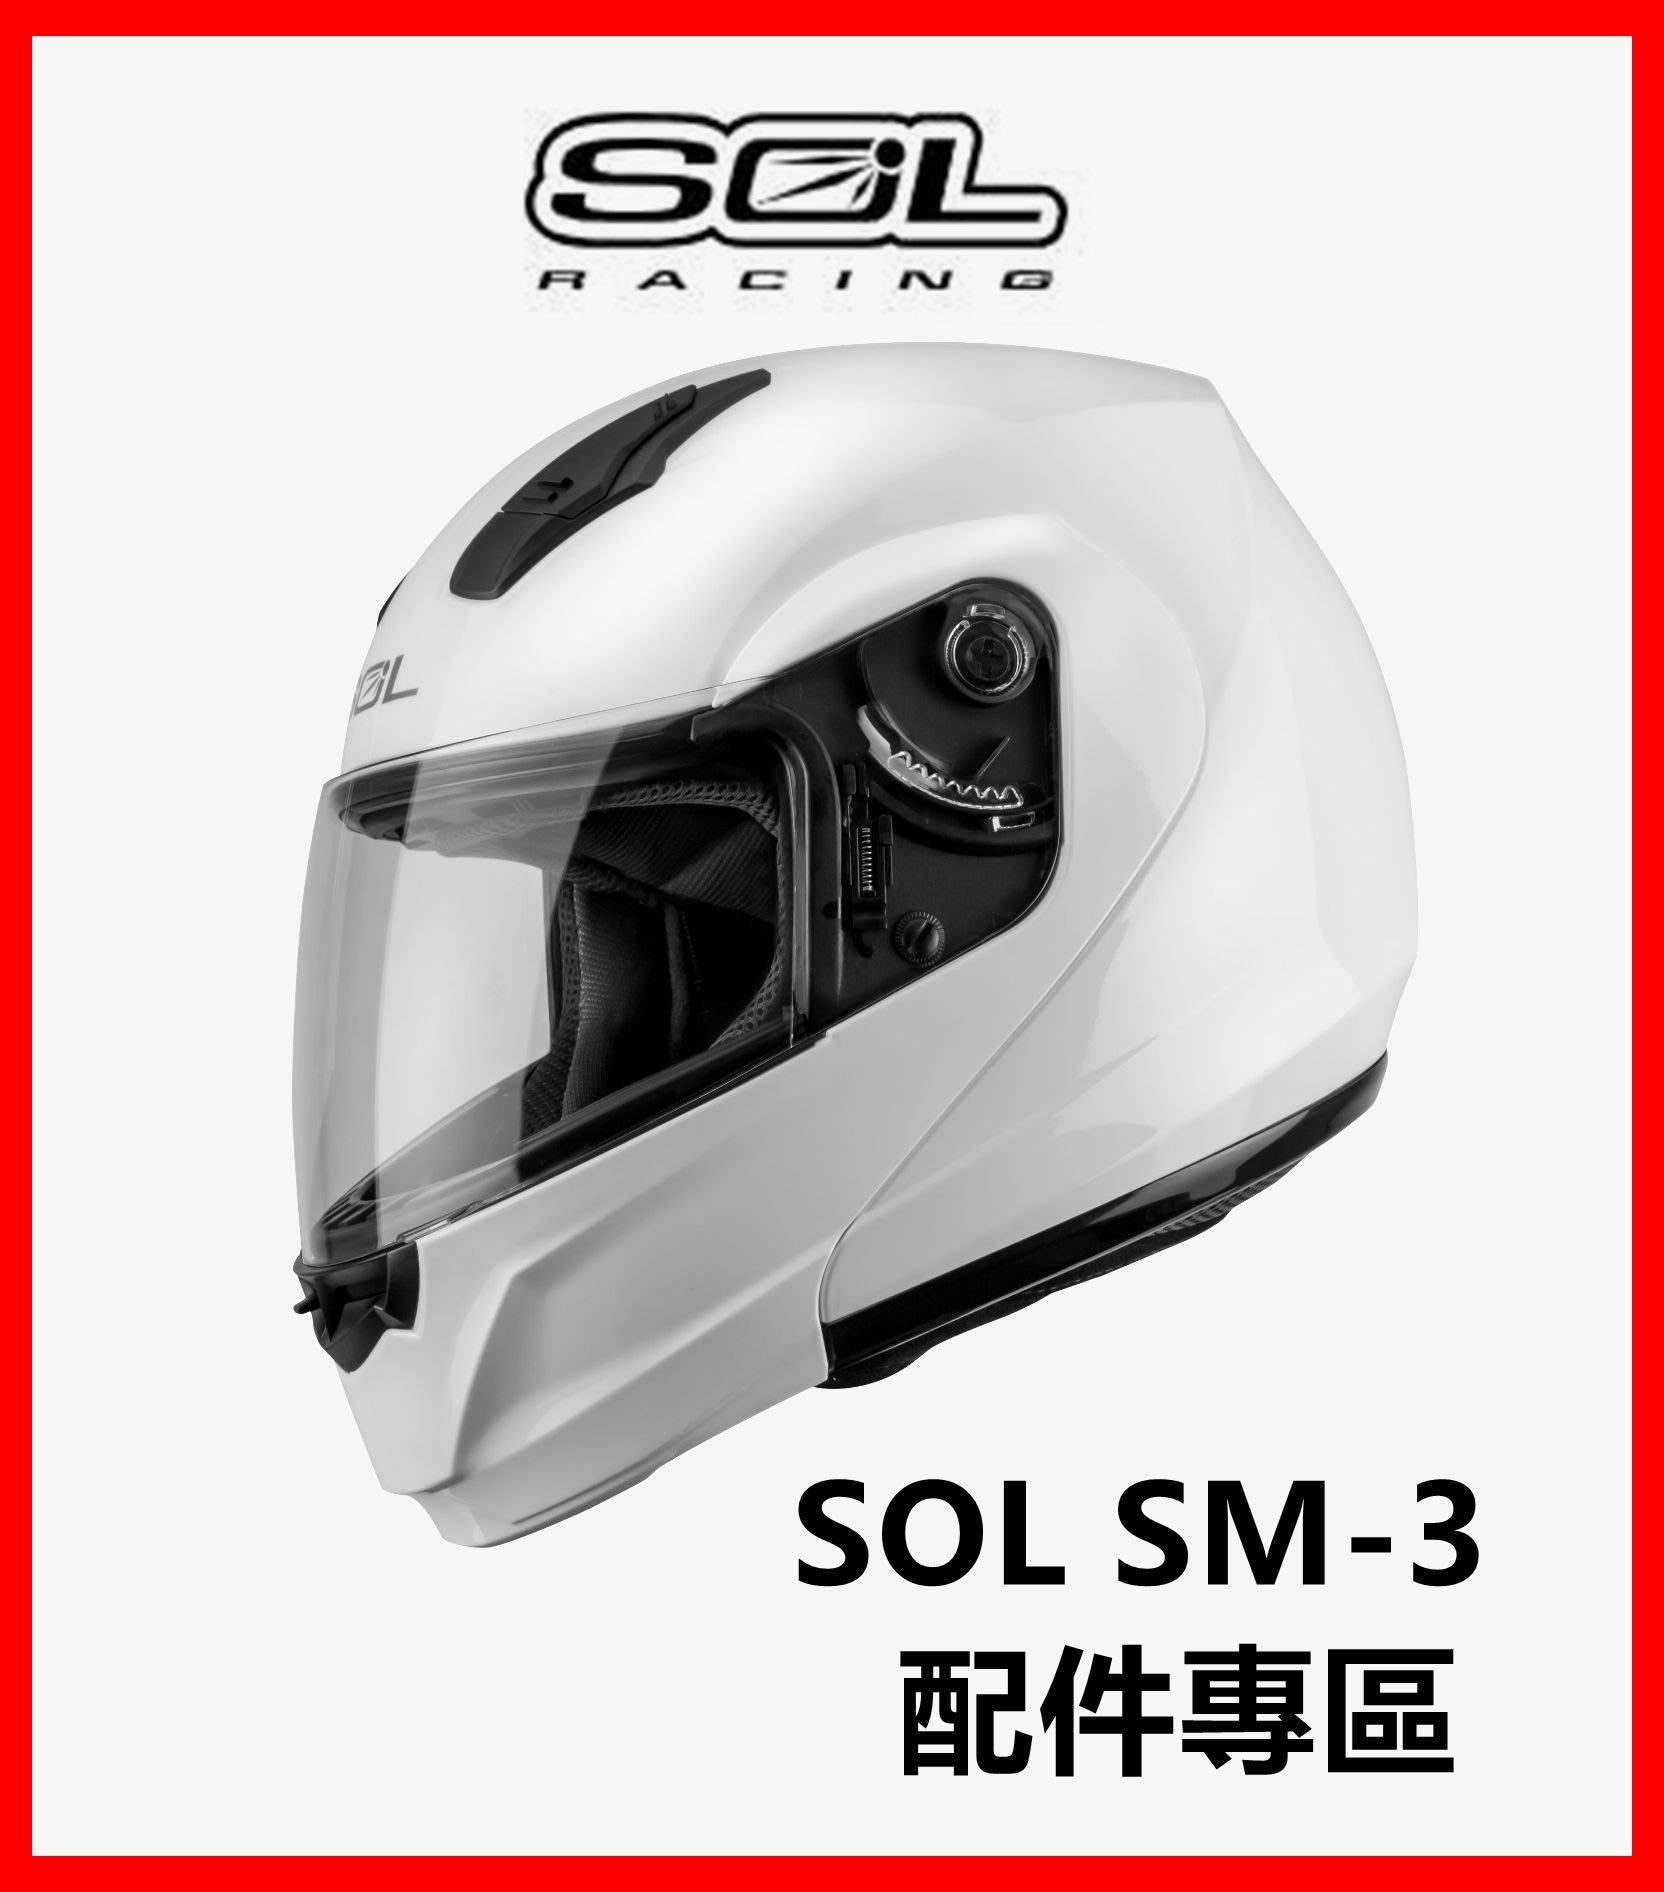 ㊣金頭帽㊣【實體店面】【SOL SM-3 SM3 配件】鏡片 內襯 原廠 正品 購買專區